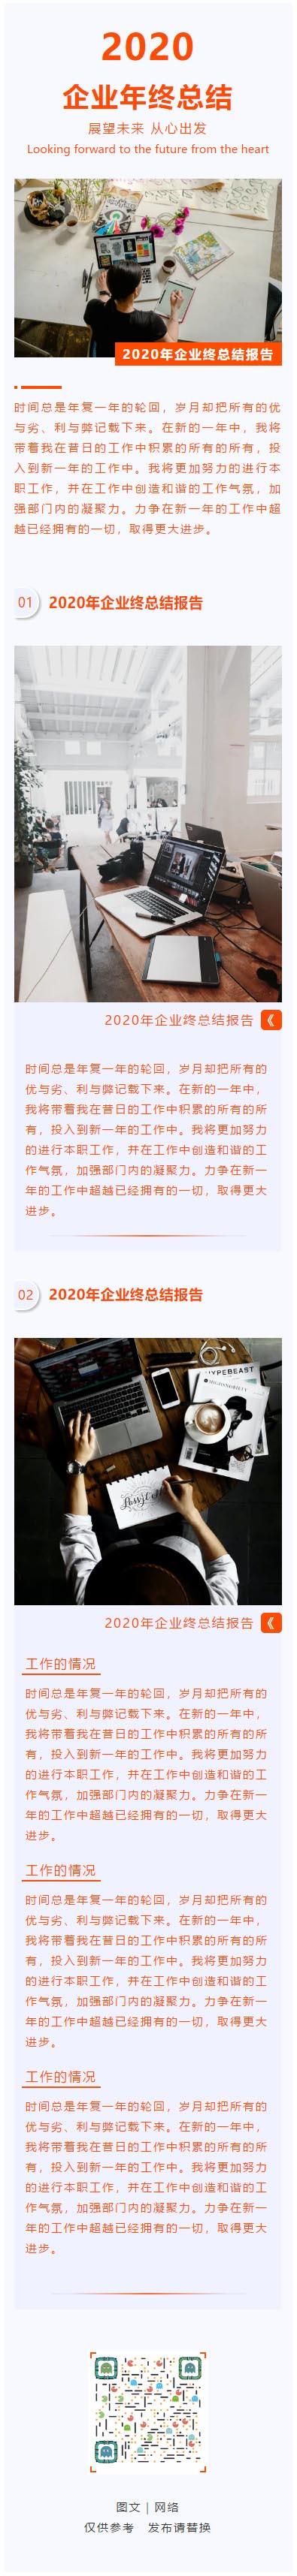 2020企业年终总结稳重微信推文模板推送文章素材